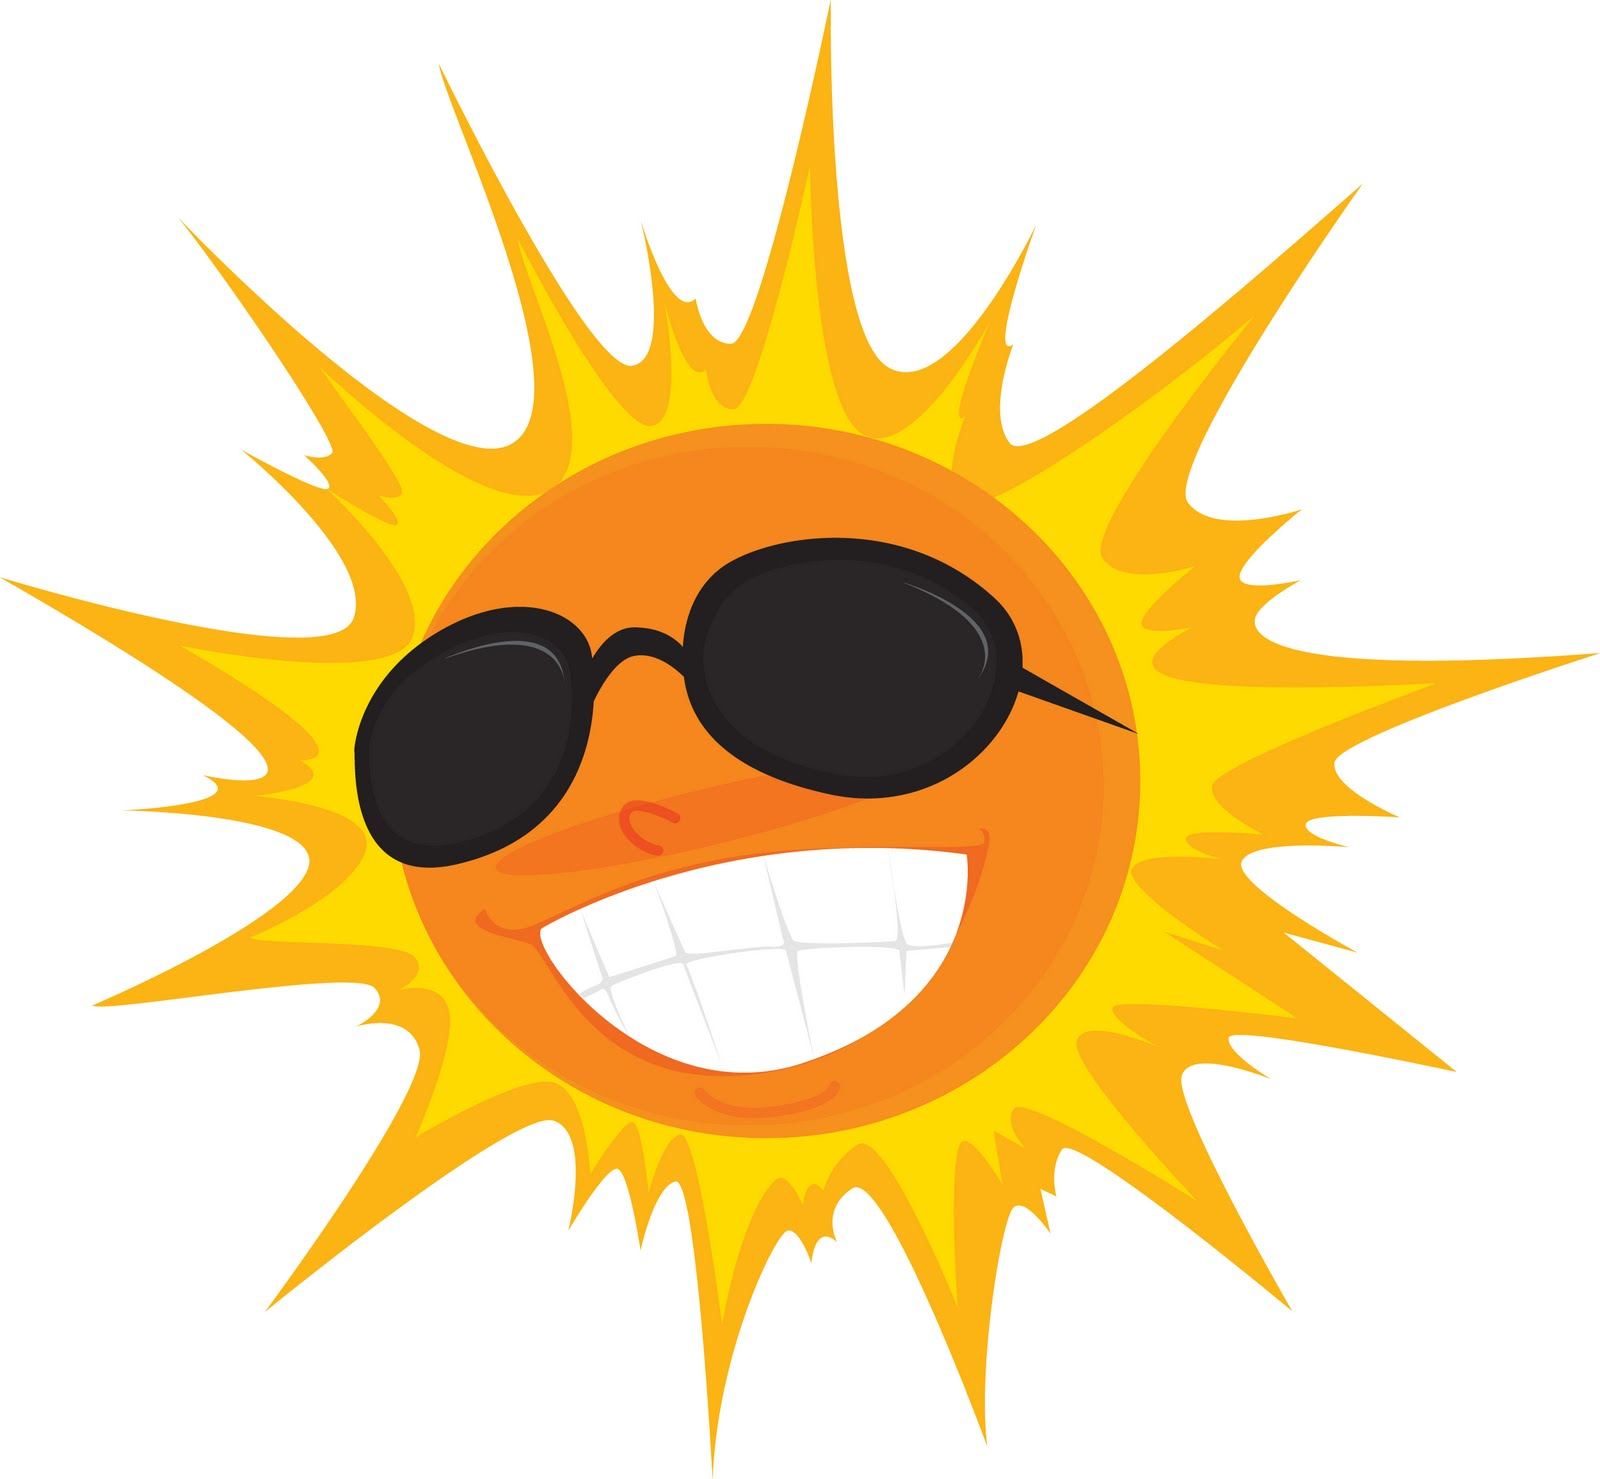 Znalezione obrazy dla zapytania słoneczko w okularach